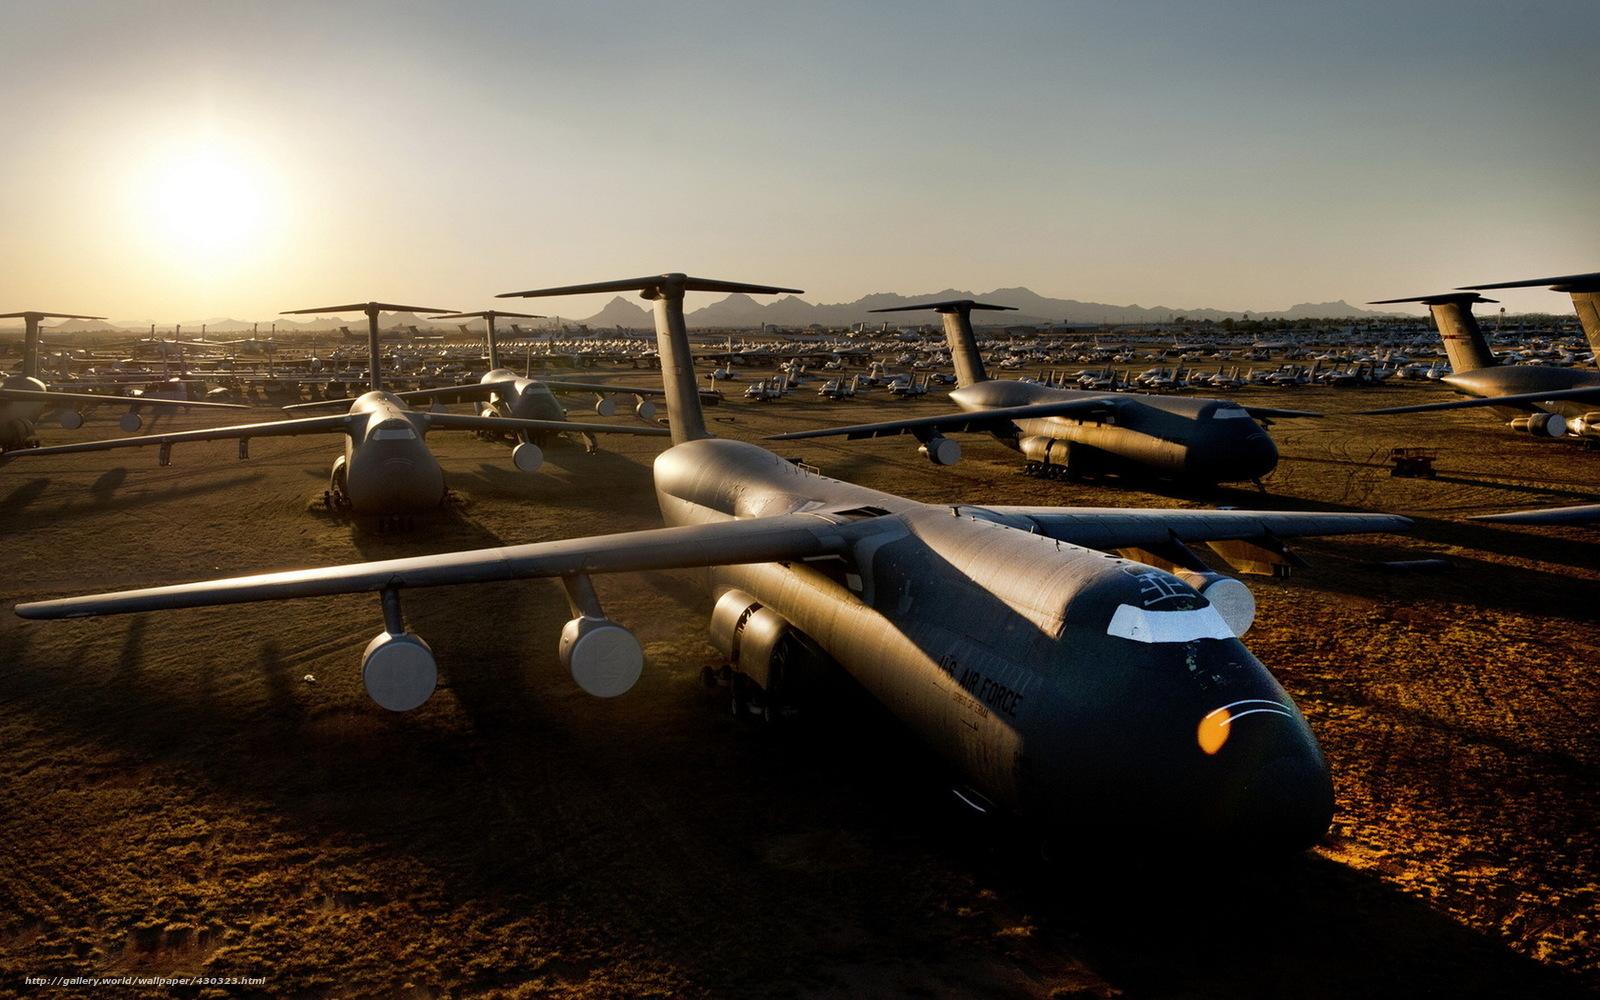 Скачать обои самолёты,  аэродром бесплатно для рабочего стола в разрешении 1680x1050 — картинка №430323